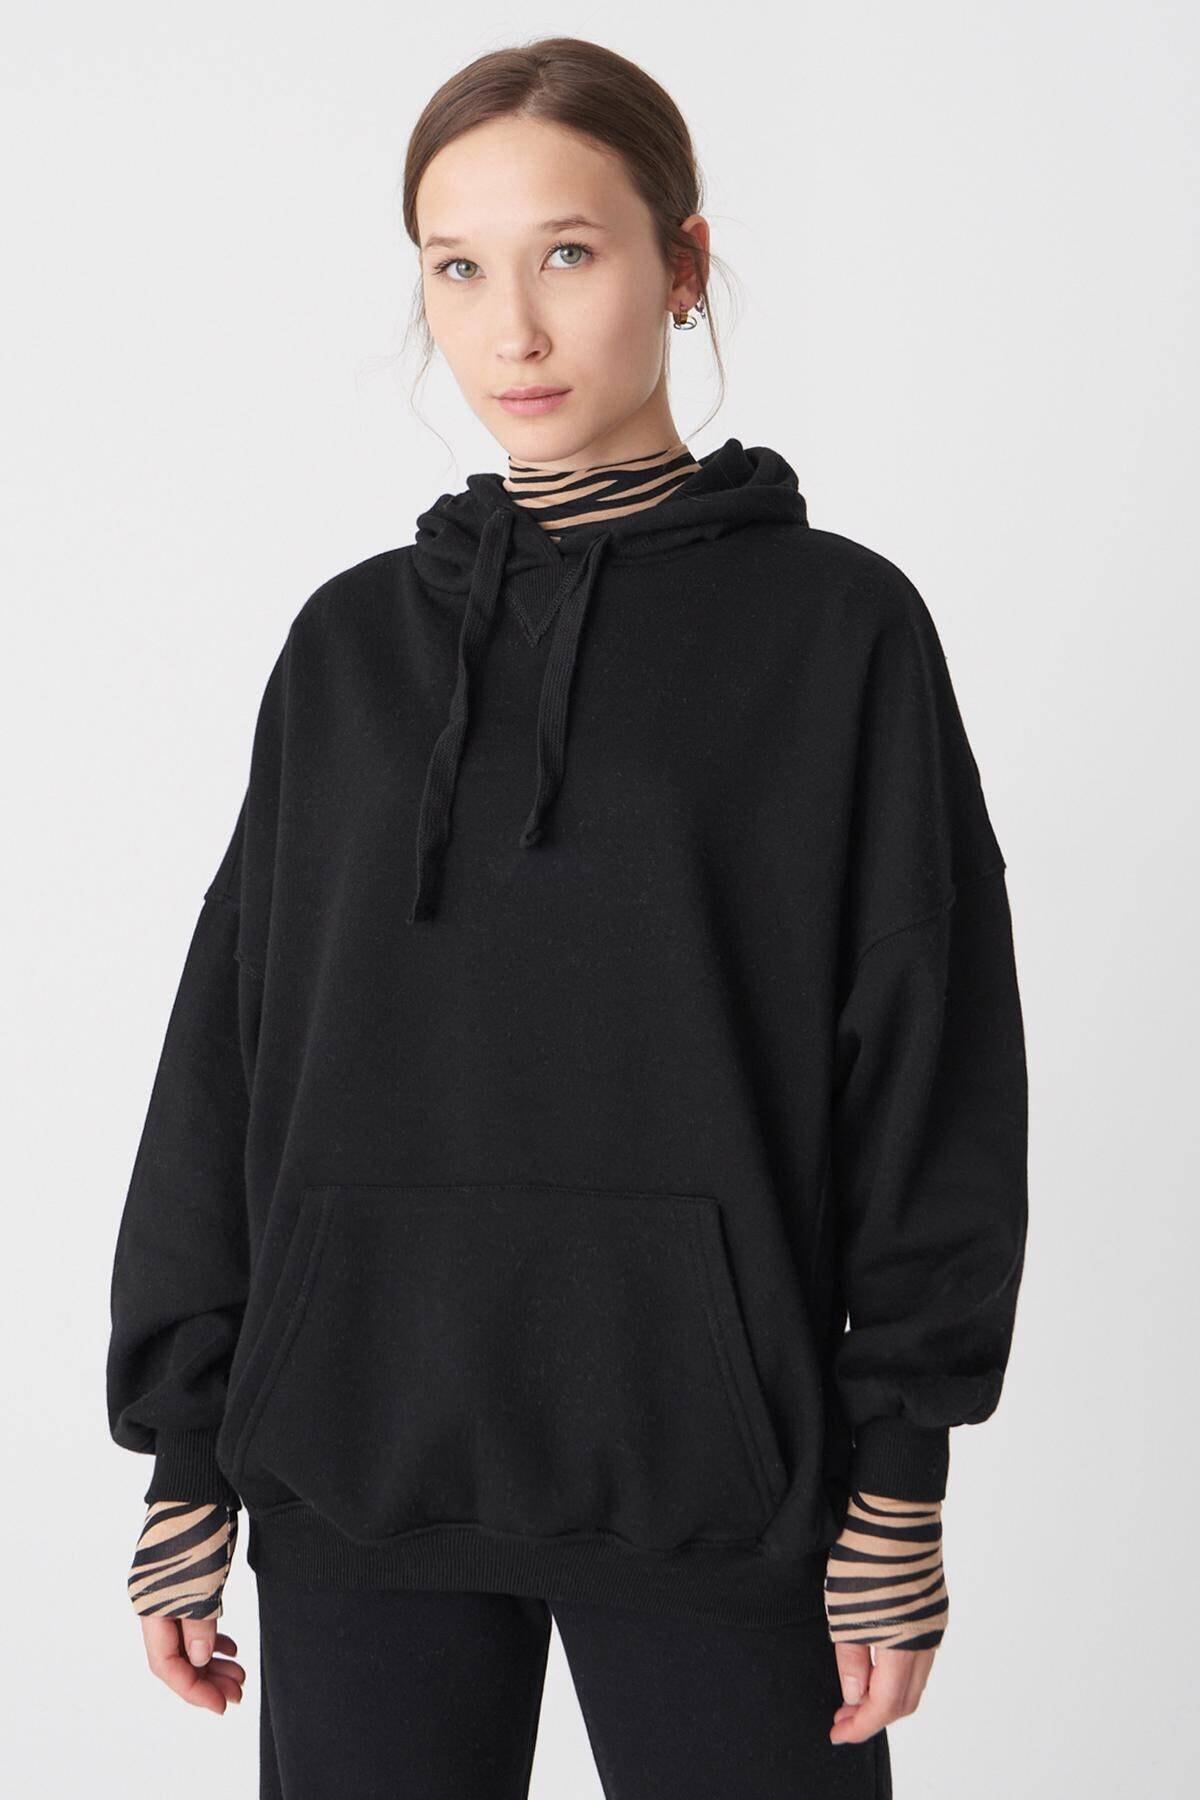 Addax Kadın Siyah Kapüşonlu Sweatshirt ADX-0000014040 2